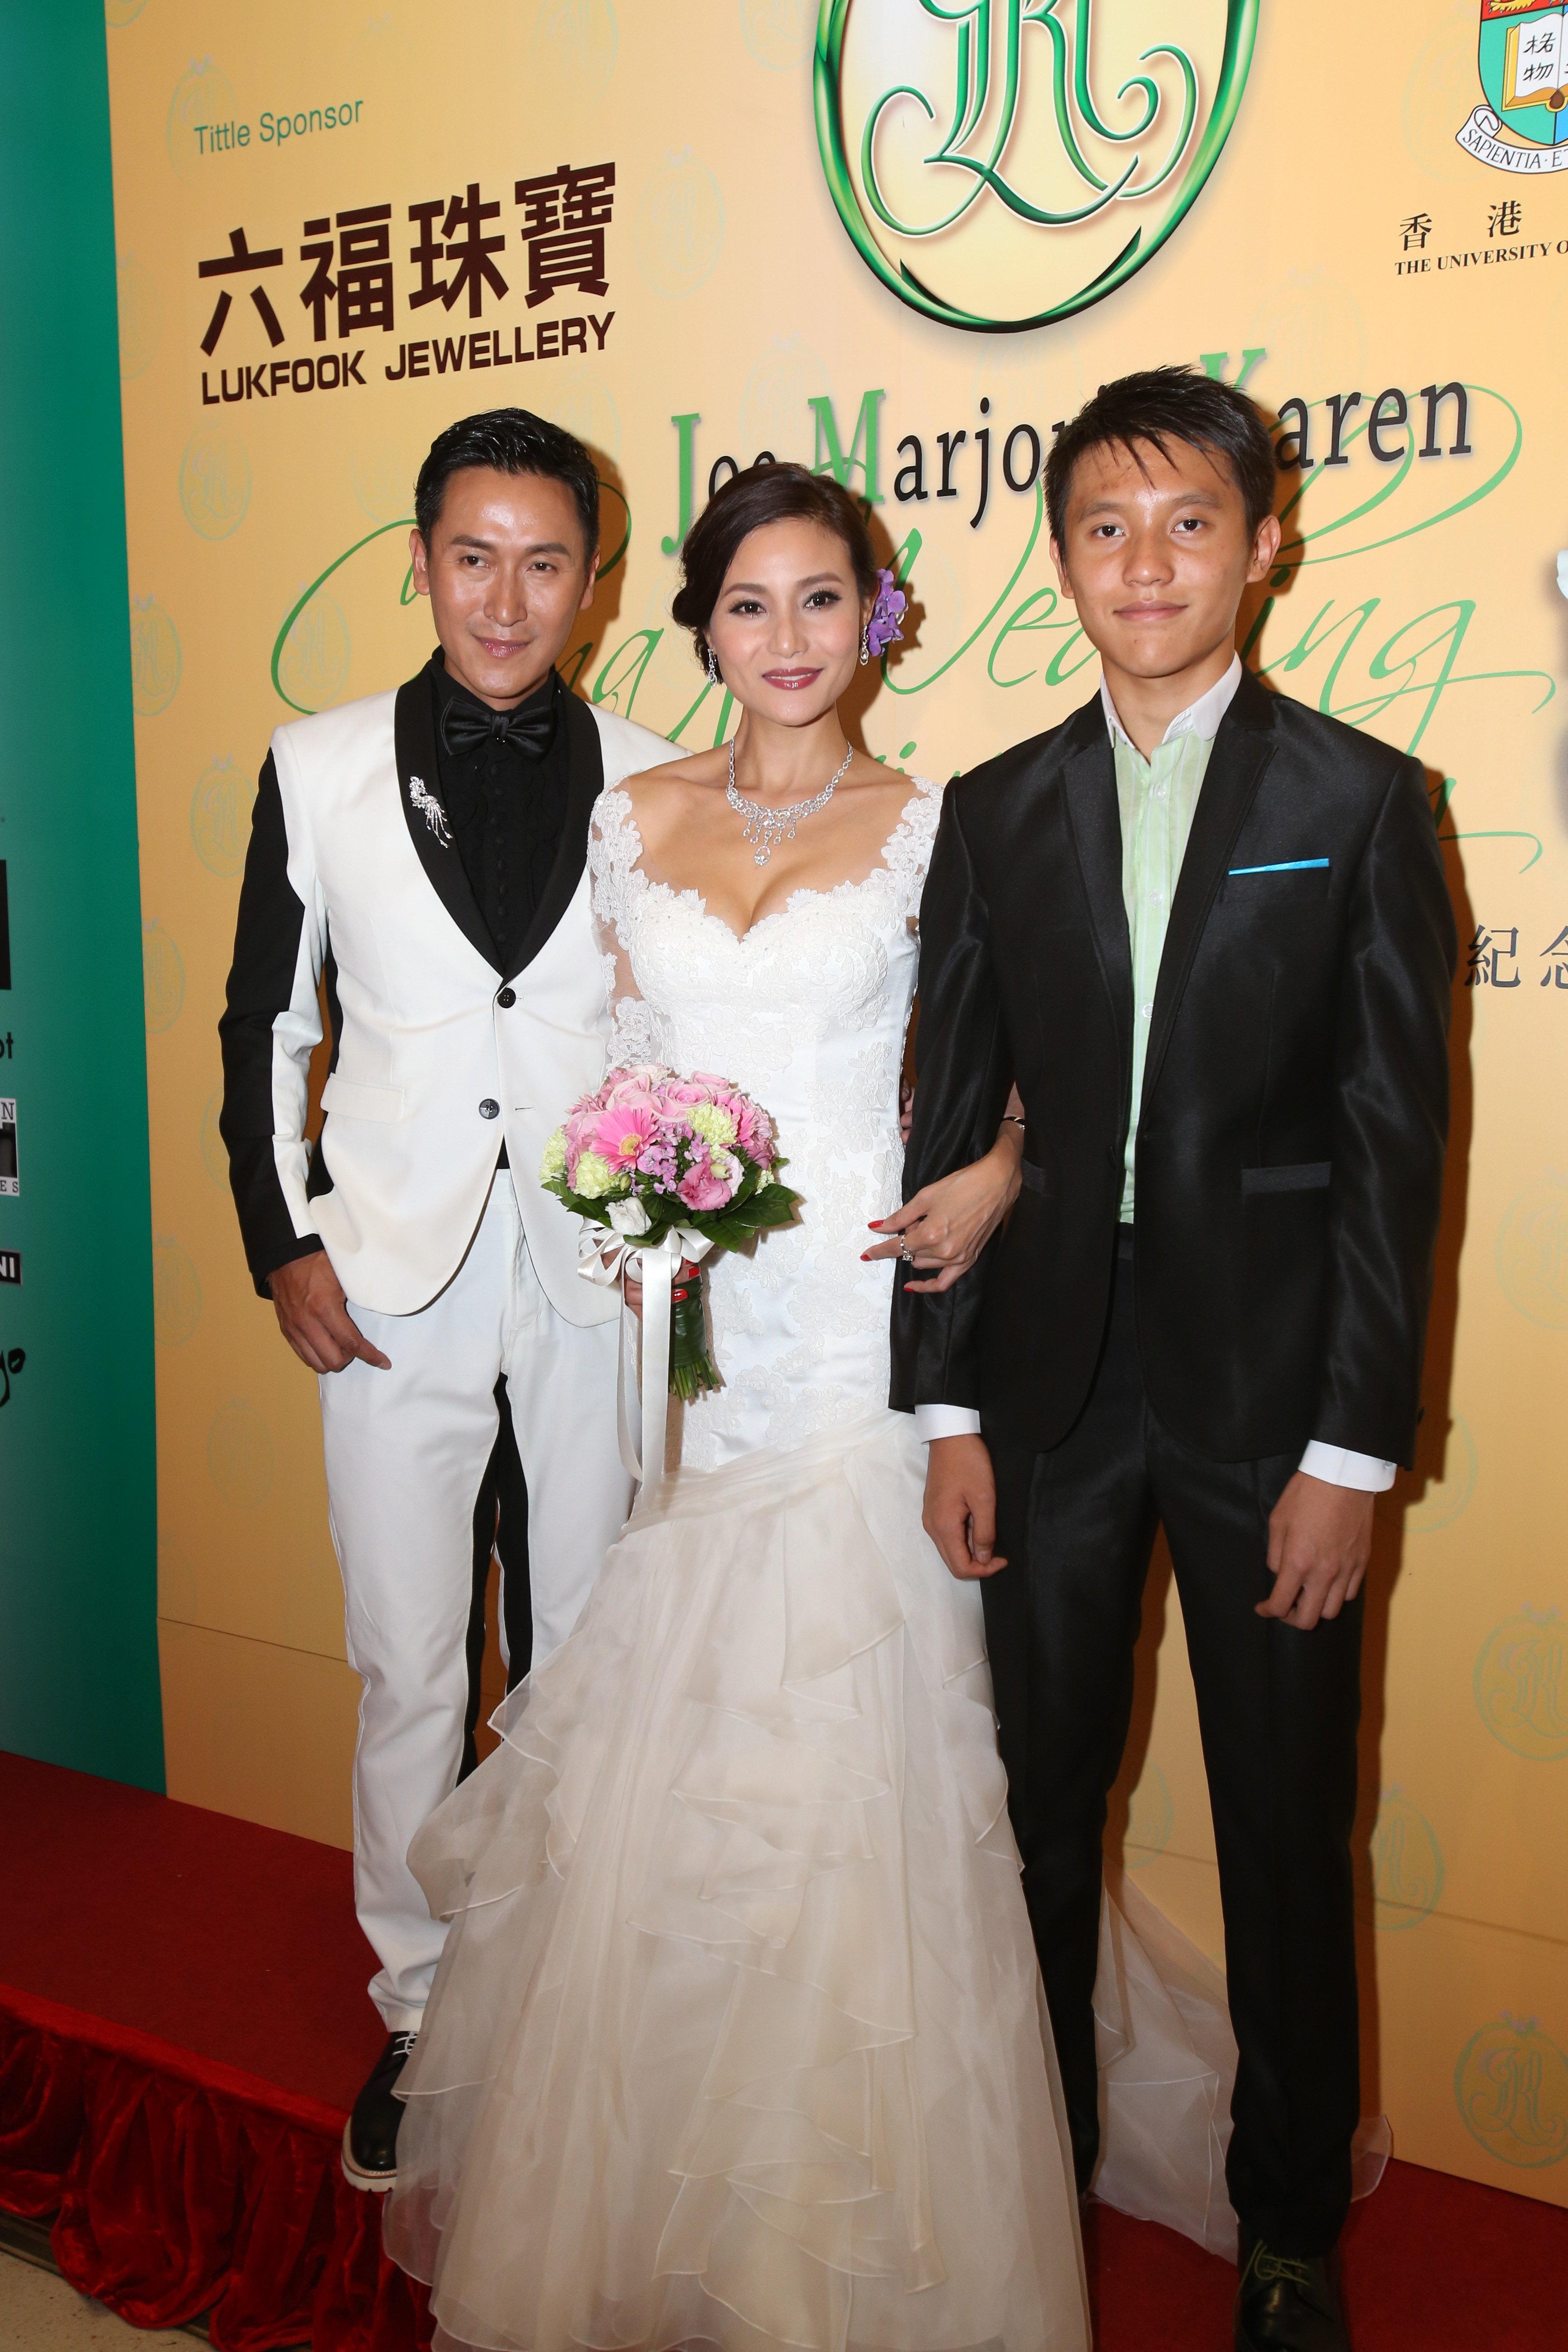 馬德鐘與張筱蘭在2013年舉行瓷婚慈善晚會,當時只得十四歲的Xiang的身高已經與爸爸相若,現在就更加「高人一等」啦。